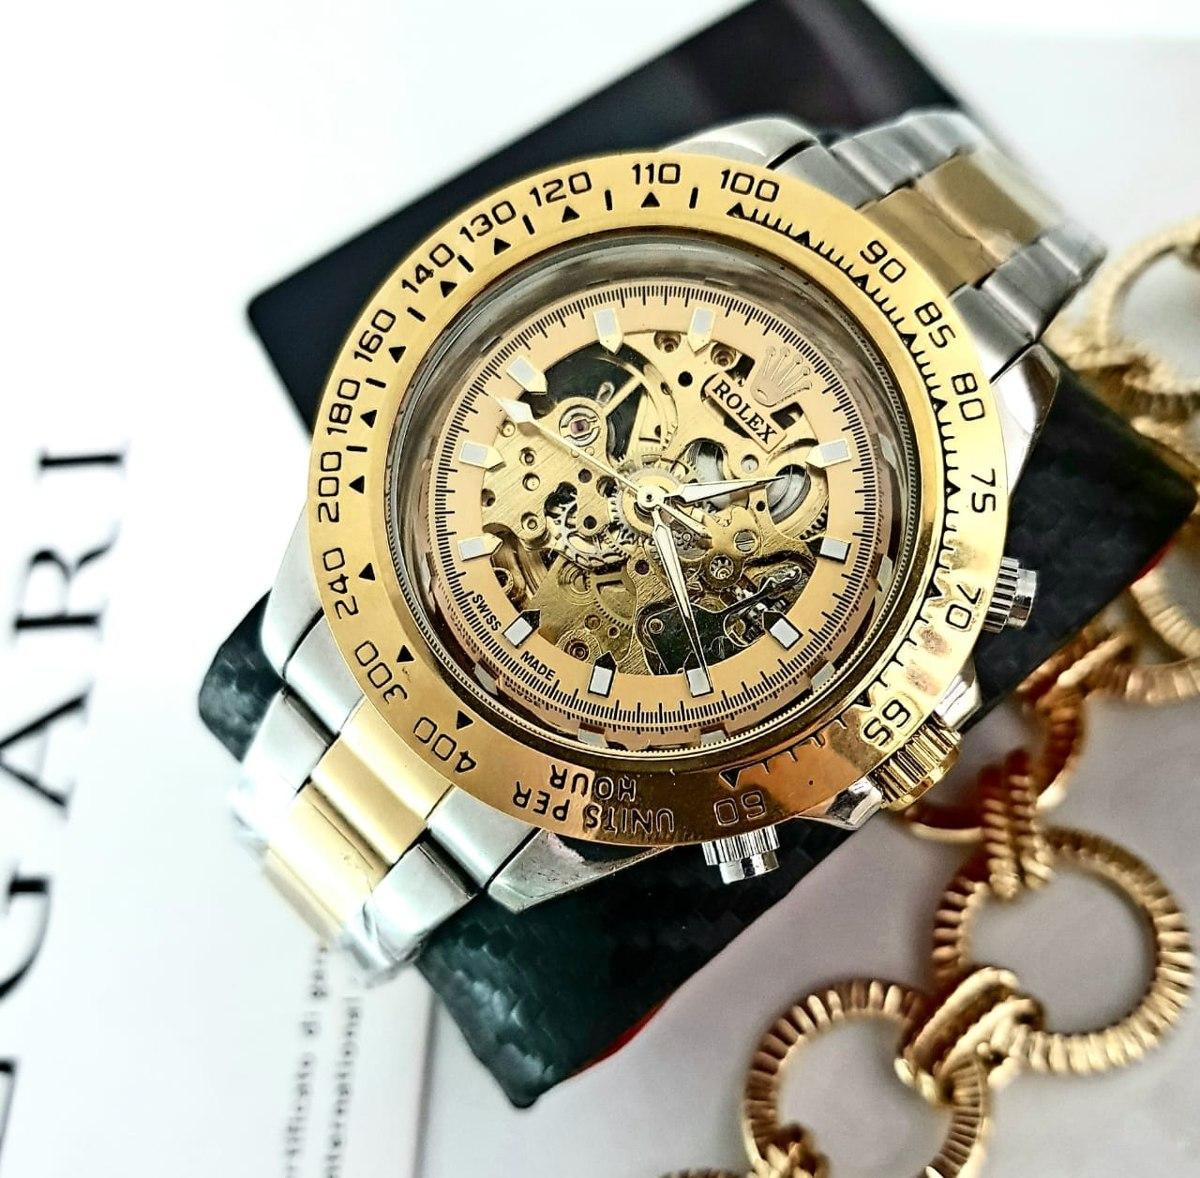 7b242f3f61c1c Reloj Rolex Para Hombre Automático -   129.900 en Mercado Libre